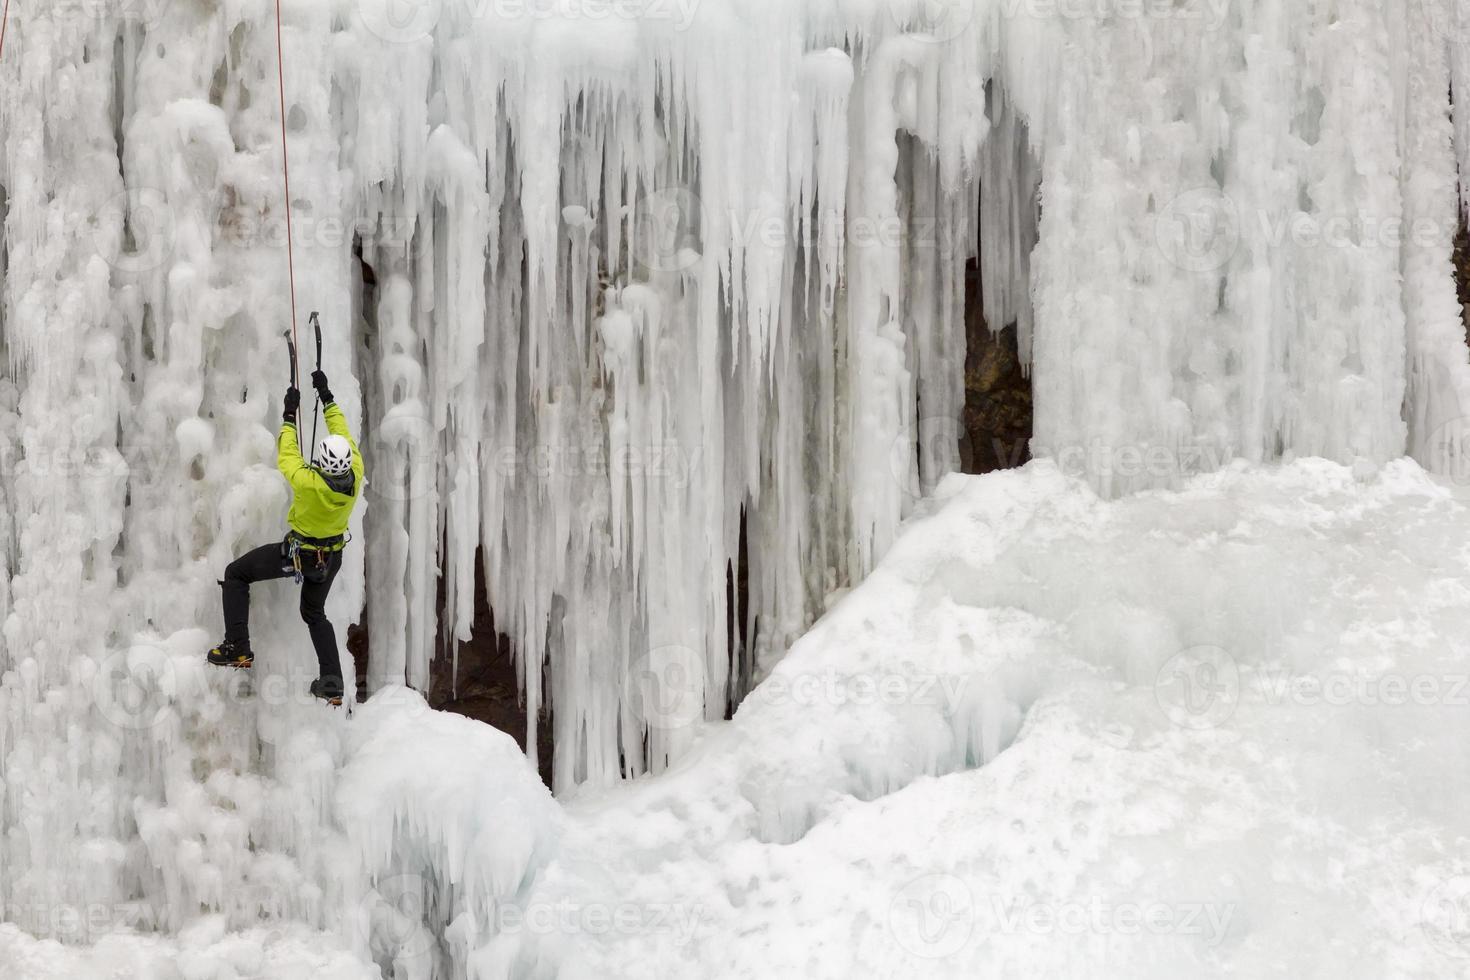 escalador de gelo foto